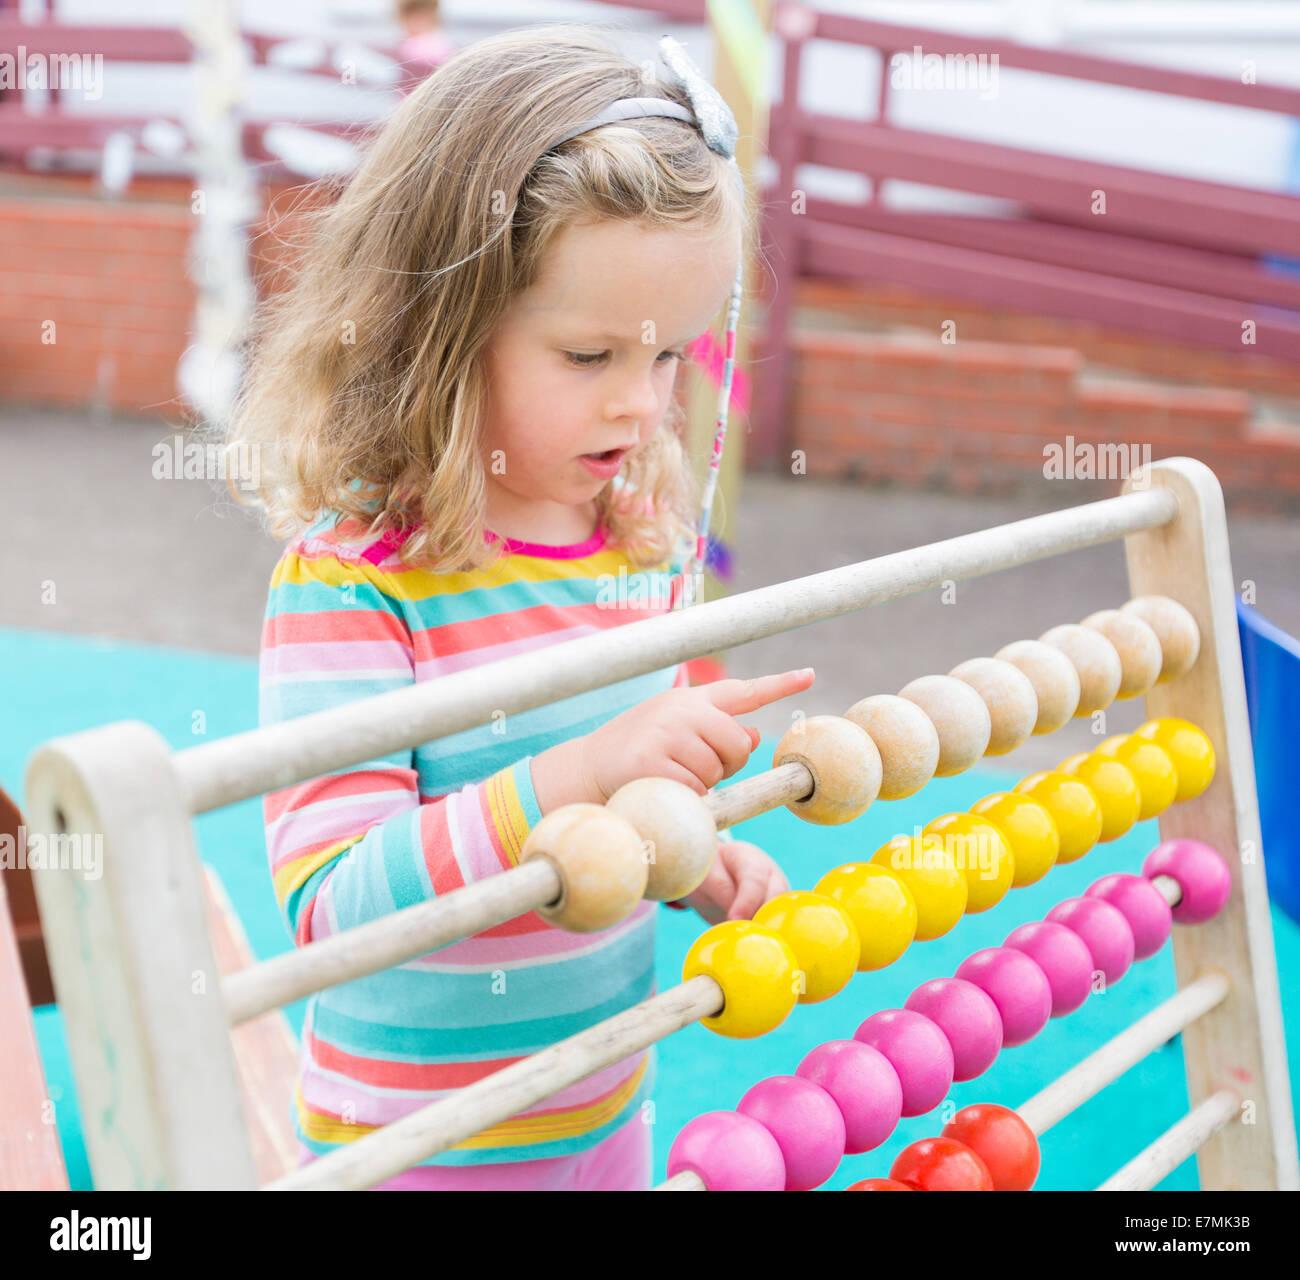 Une jeune fille compte sur un abaque à un UK nursery school Photo Stock